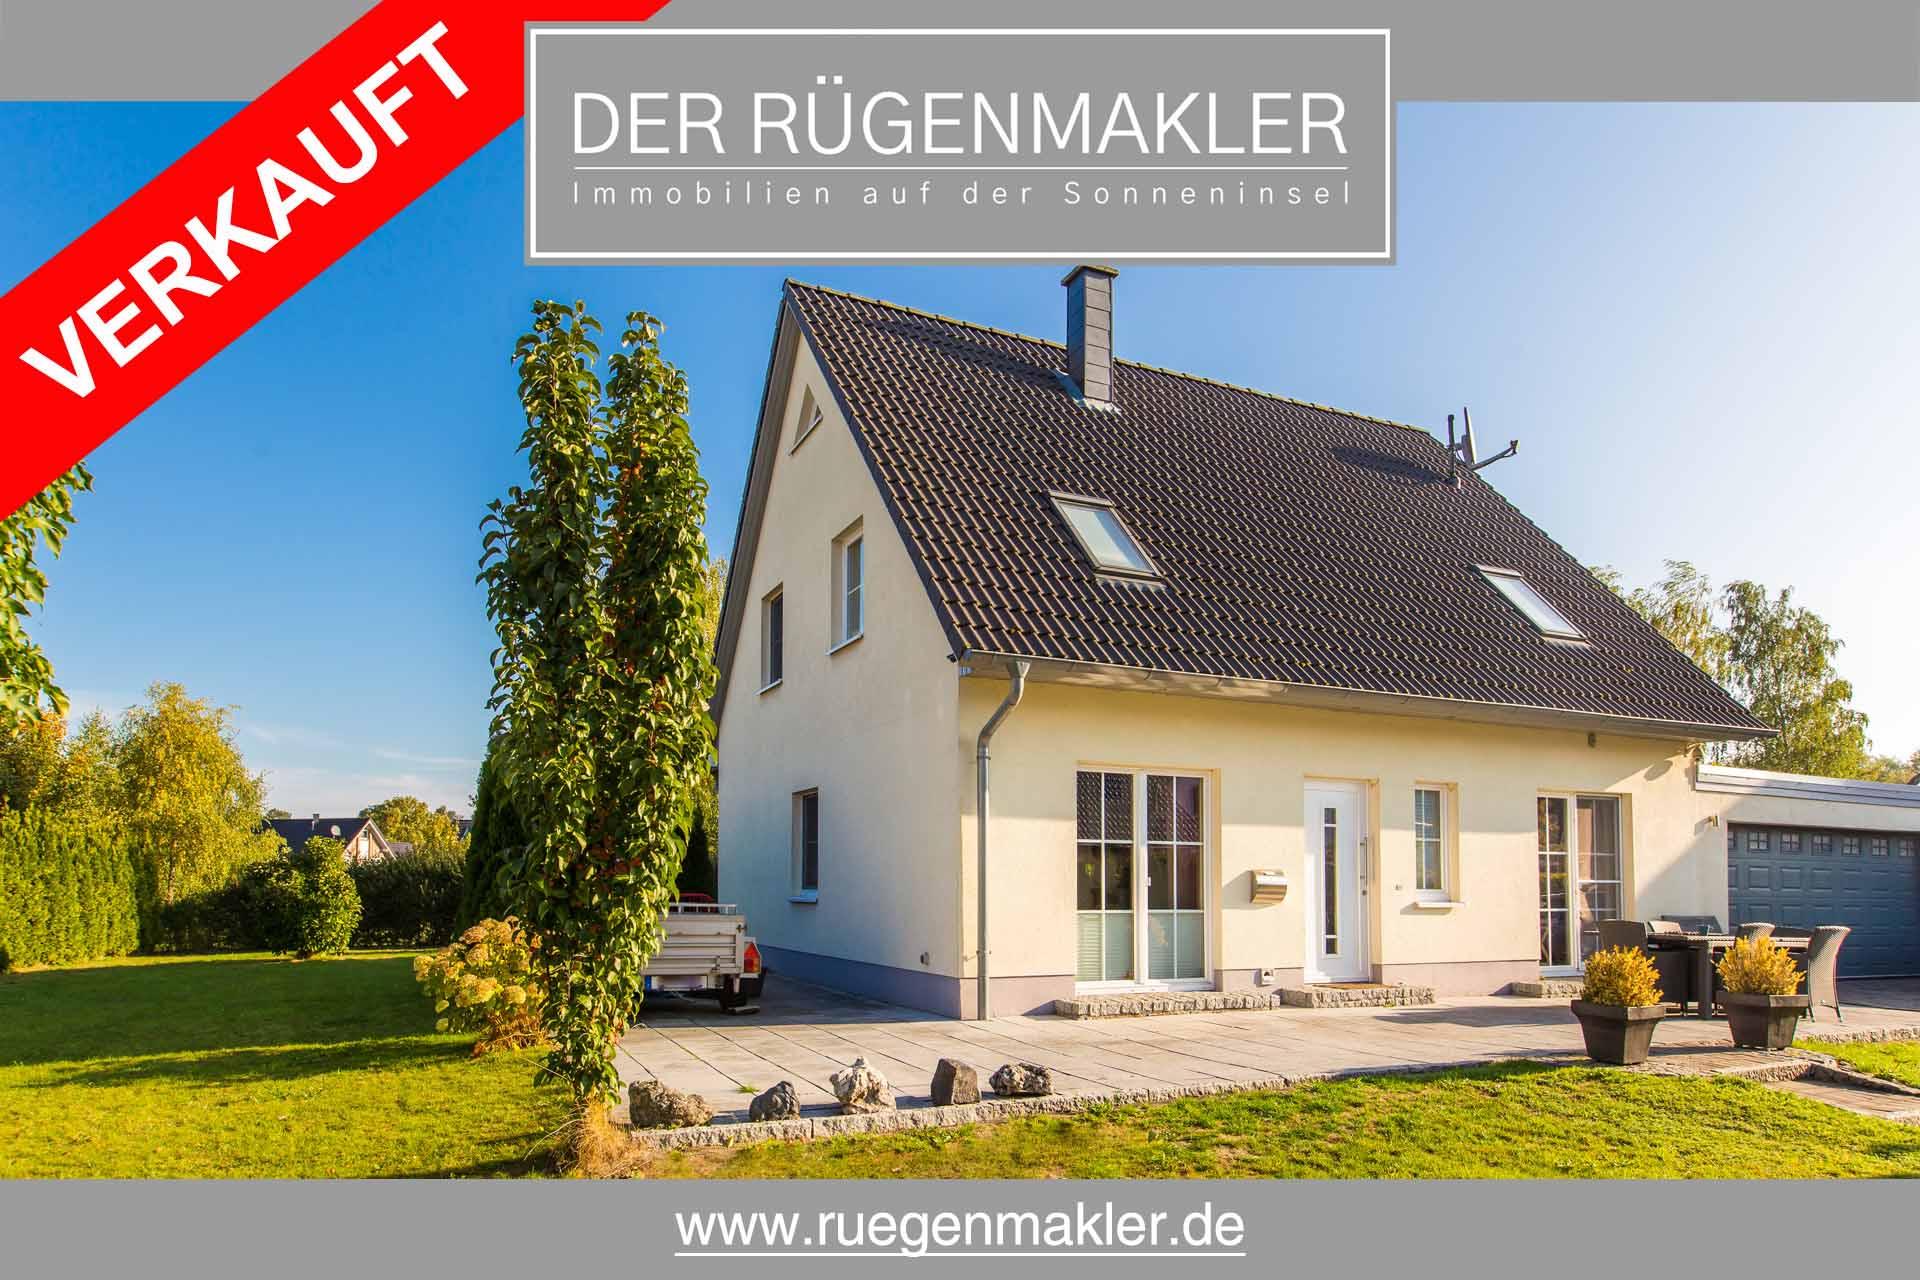 Ruegenmakler - Einfamilienhaus in Glowe auf Rügen erkauft